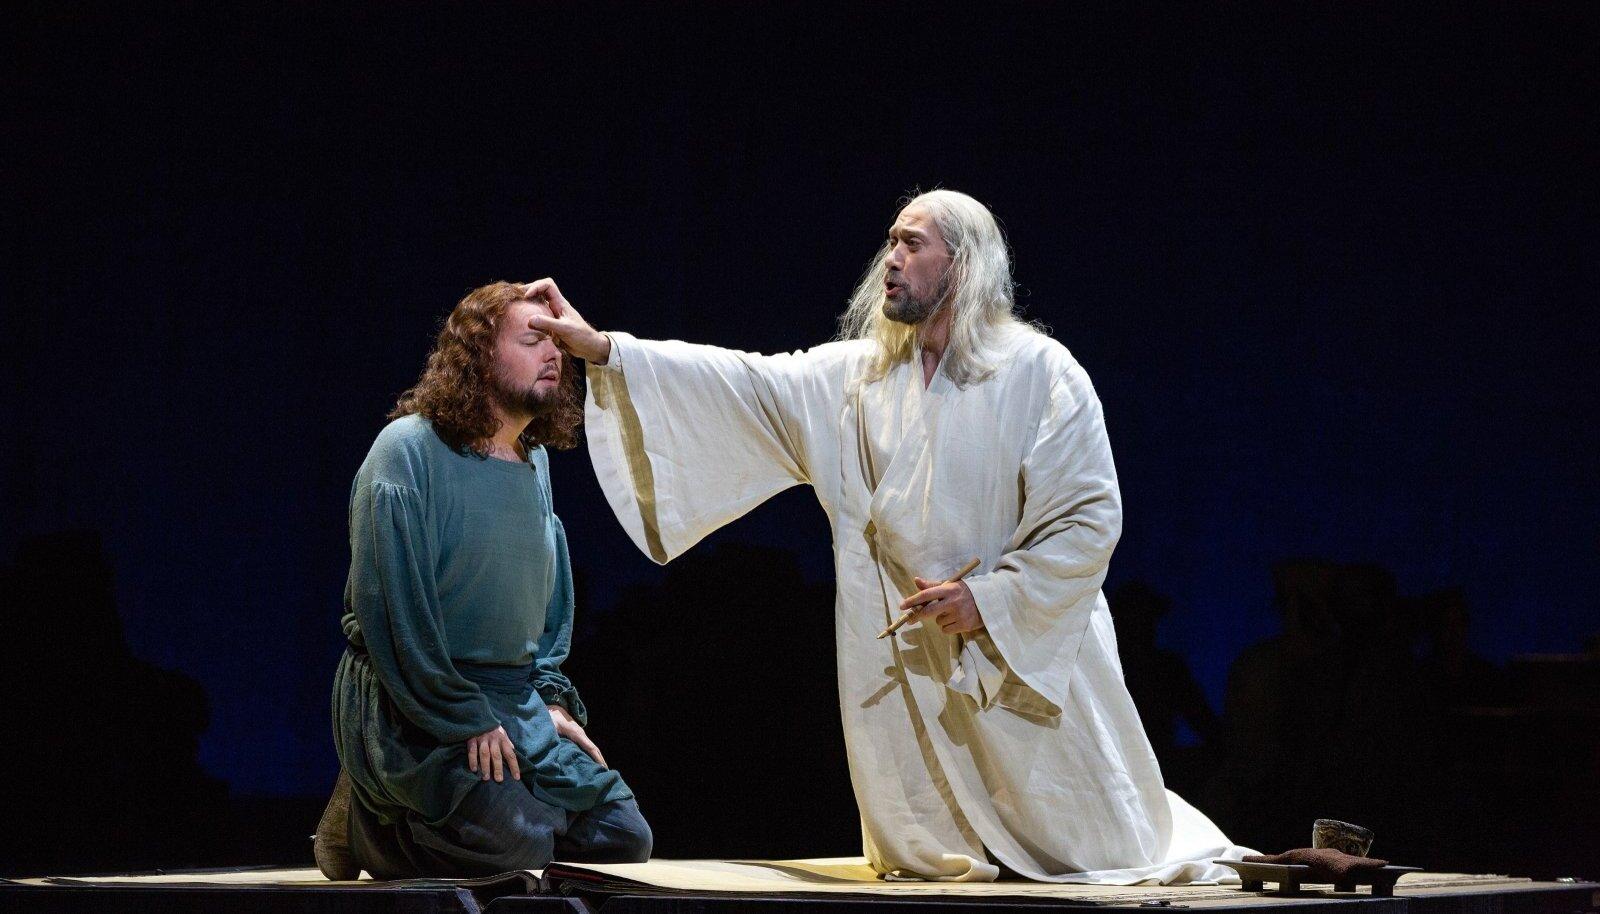 Ain Angeri kroonikmunk Pimen ärgitab Grigorit end kujutlema Vale-Dmitrina, kes esitab tsaarile väljakutse. Sellega käivitab Pimen ooperi põhiliini. Kui Anger lavale ilmus, sai lauldavast vene keelest tõesti vene keel.